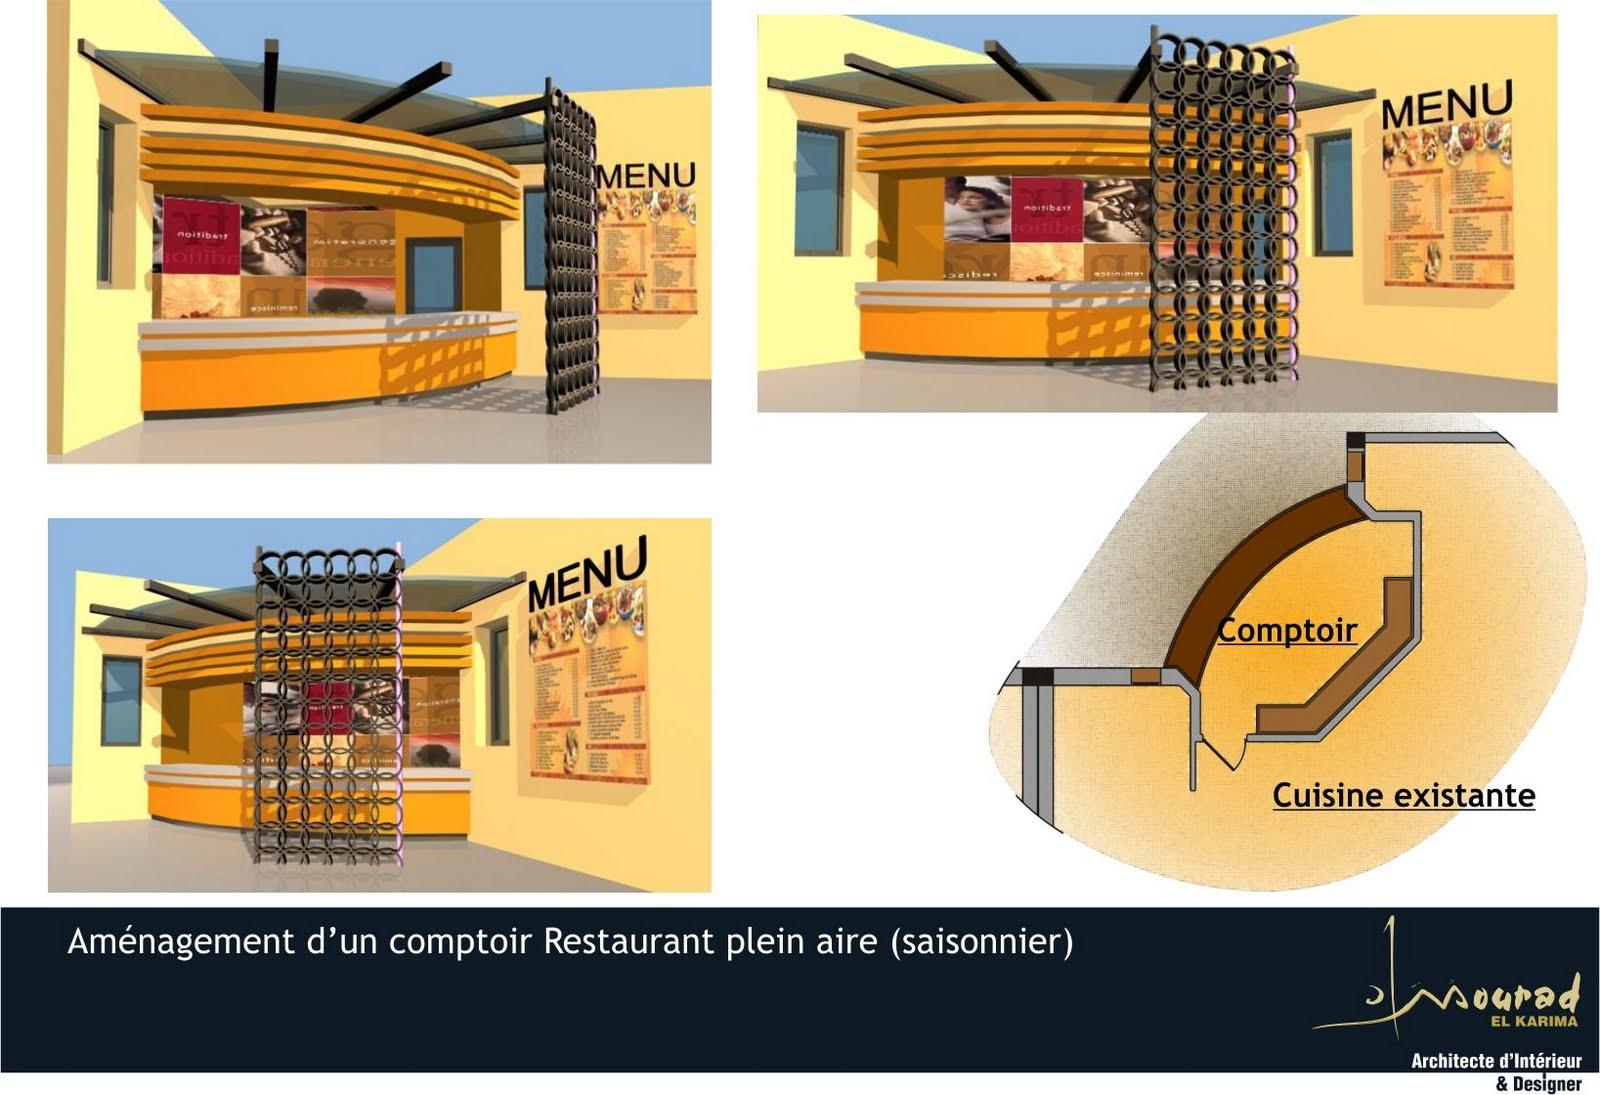 Mourad el karima architecte d 39 interieur designer for Amenagement cuisine restaurant